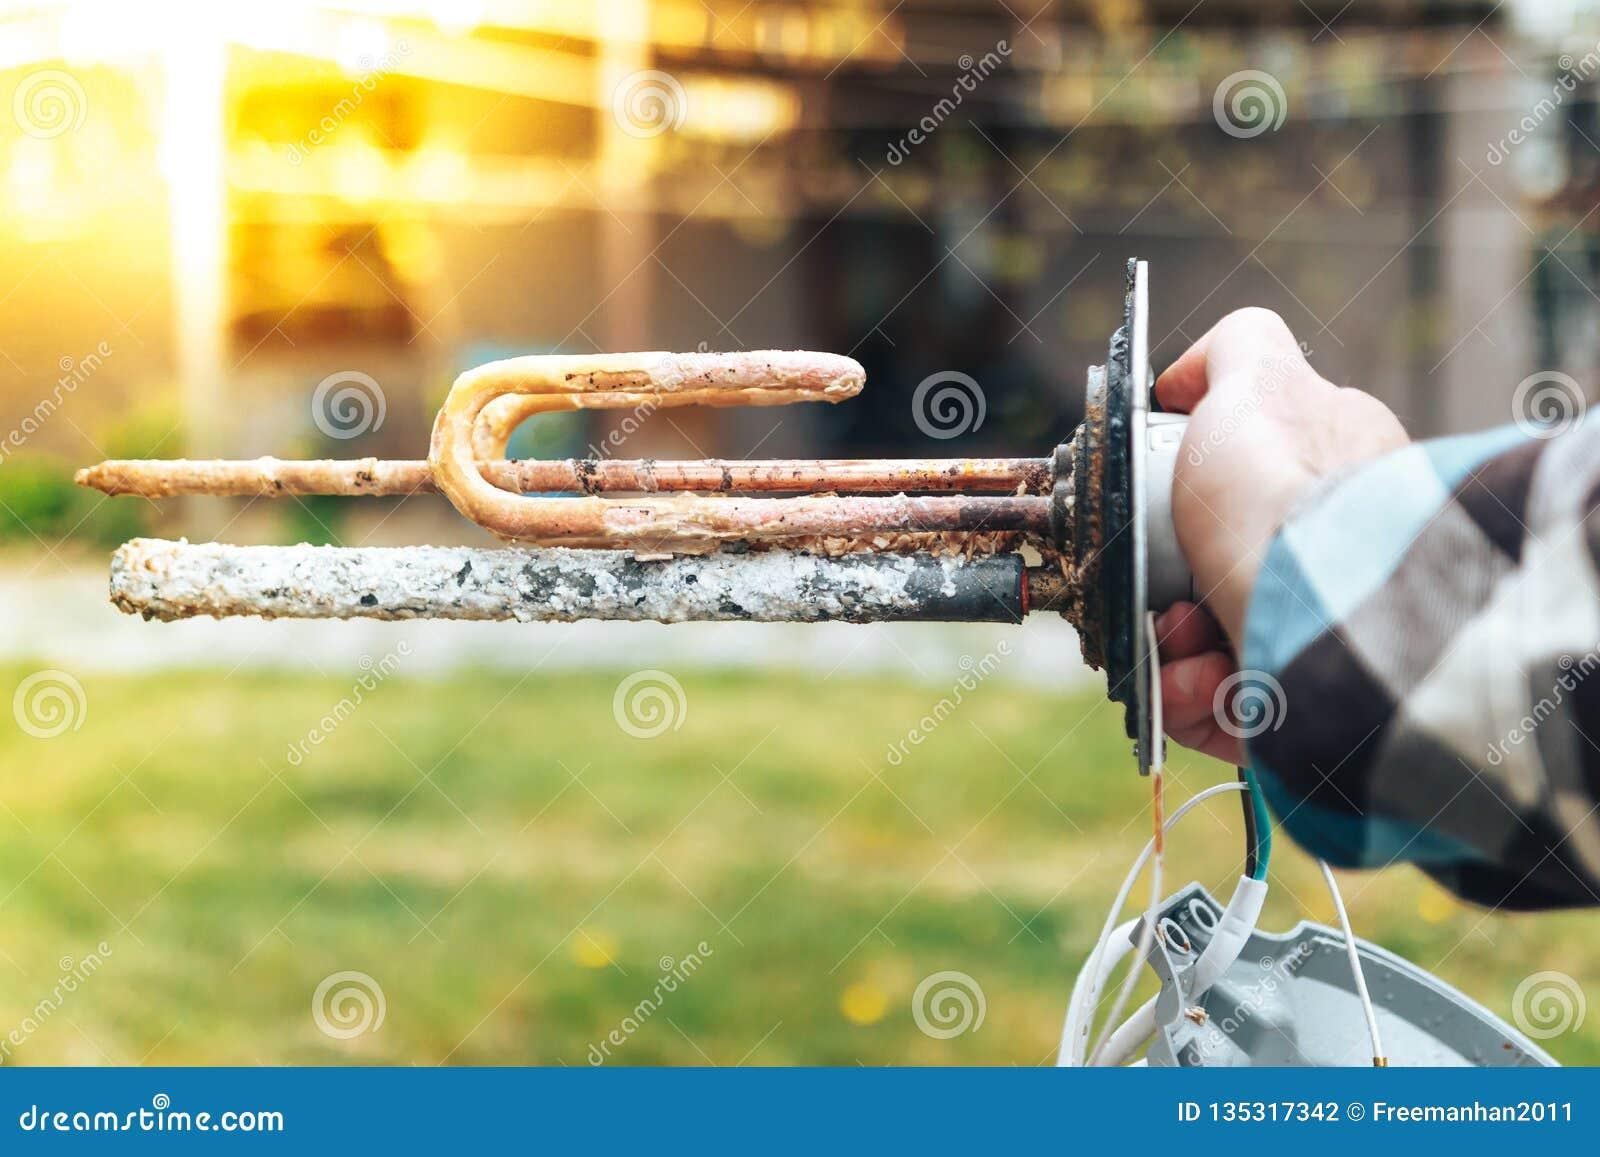 La mano de un hombre blanco, demuestra el efecto destructivo de la escala sobre el elemento de la caldera